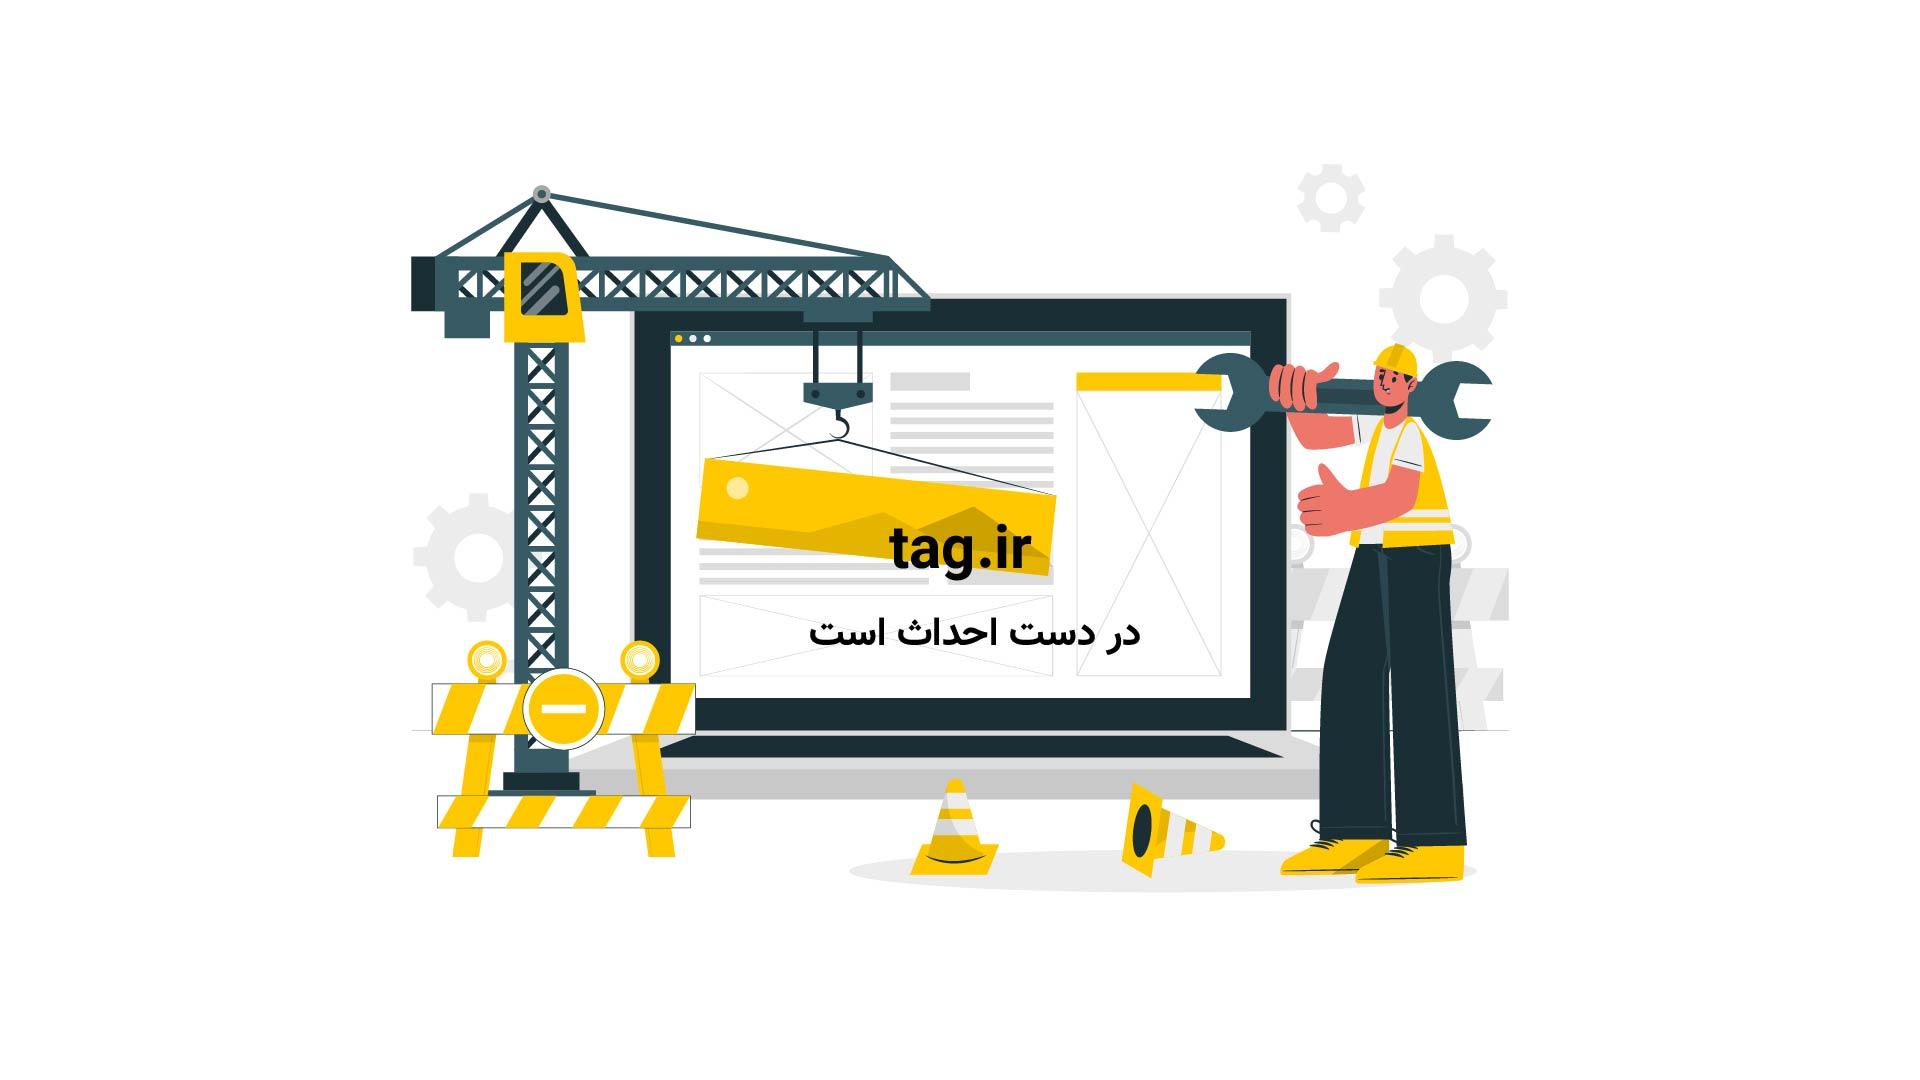 پست خداحافظی برانکو با هواداران پرسپولیس | فیلم